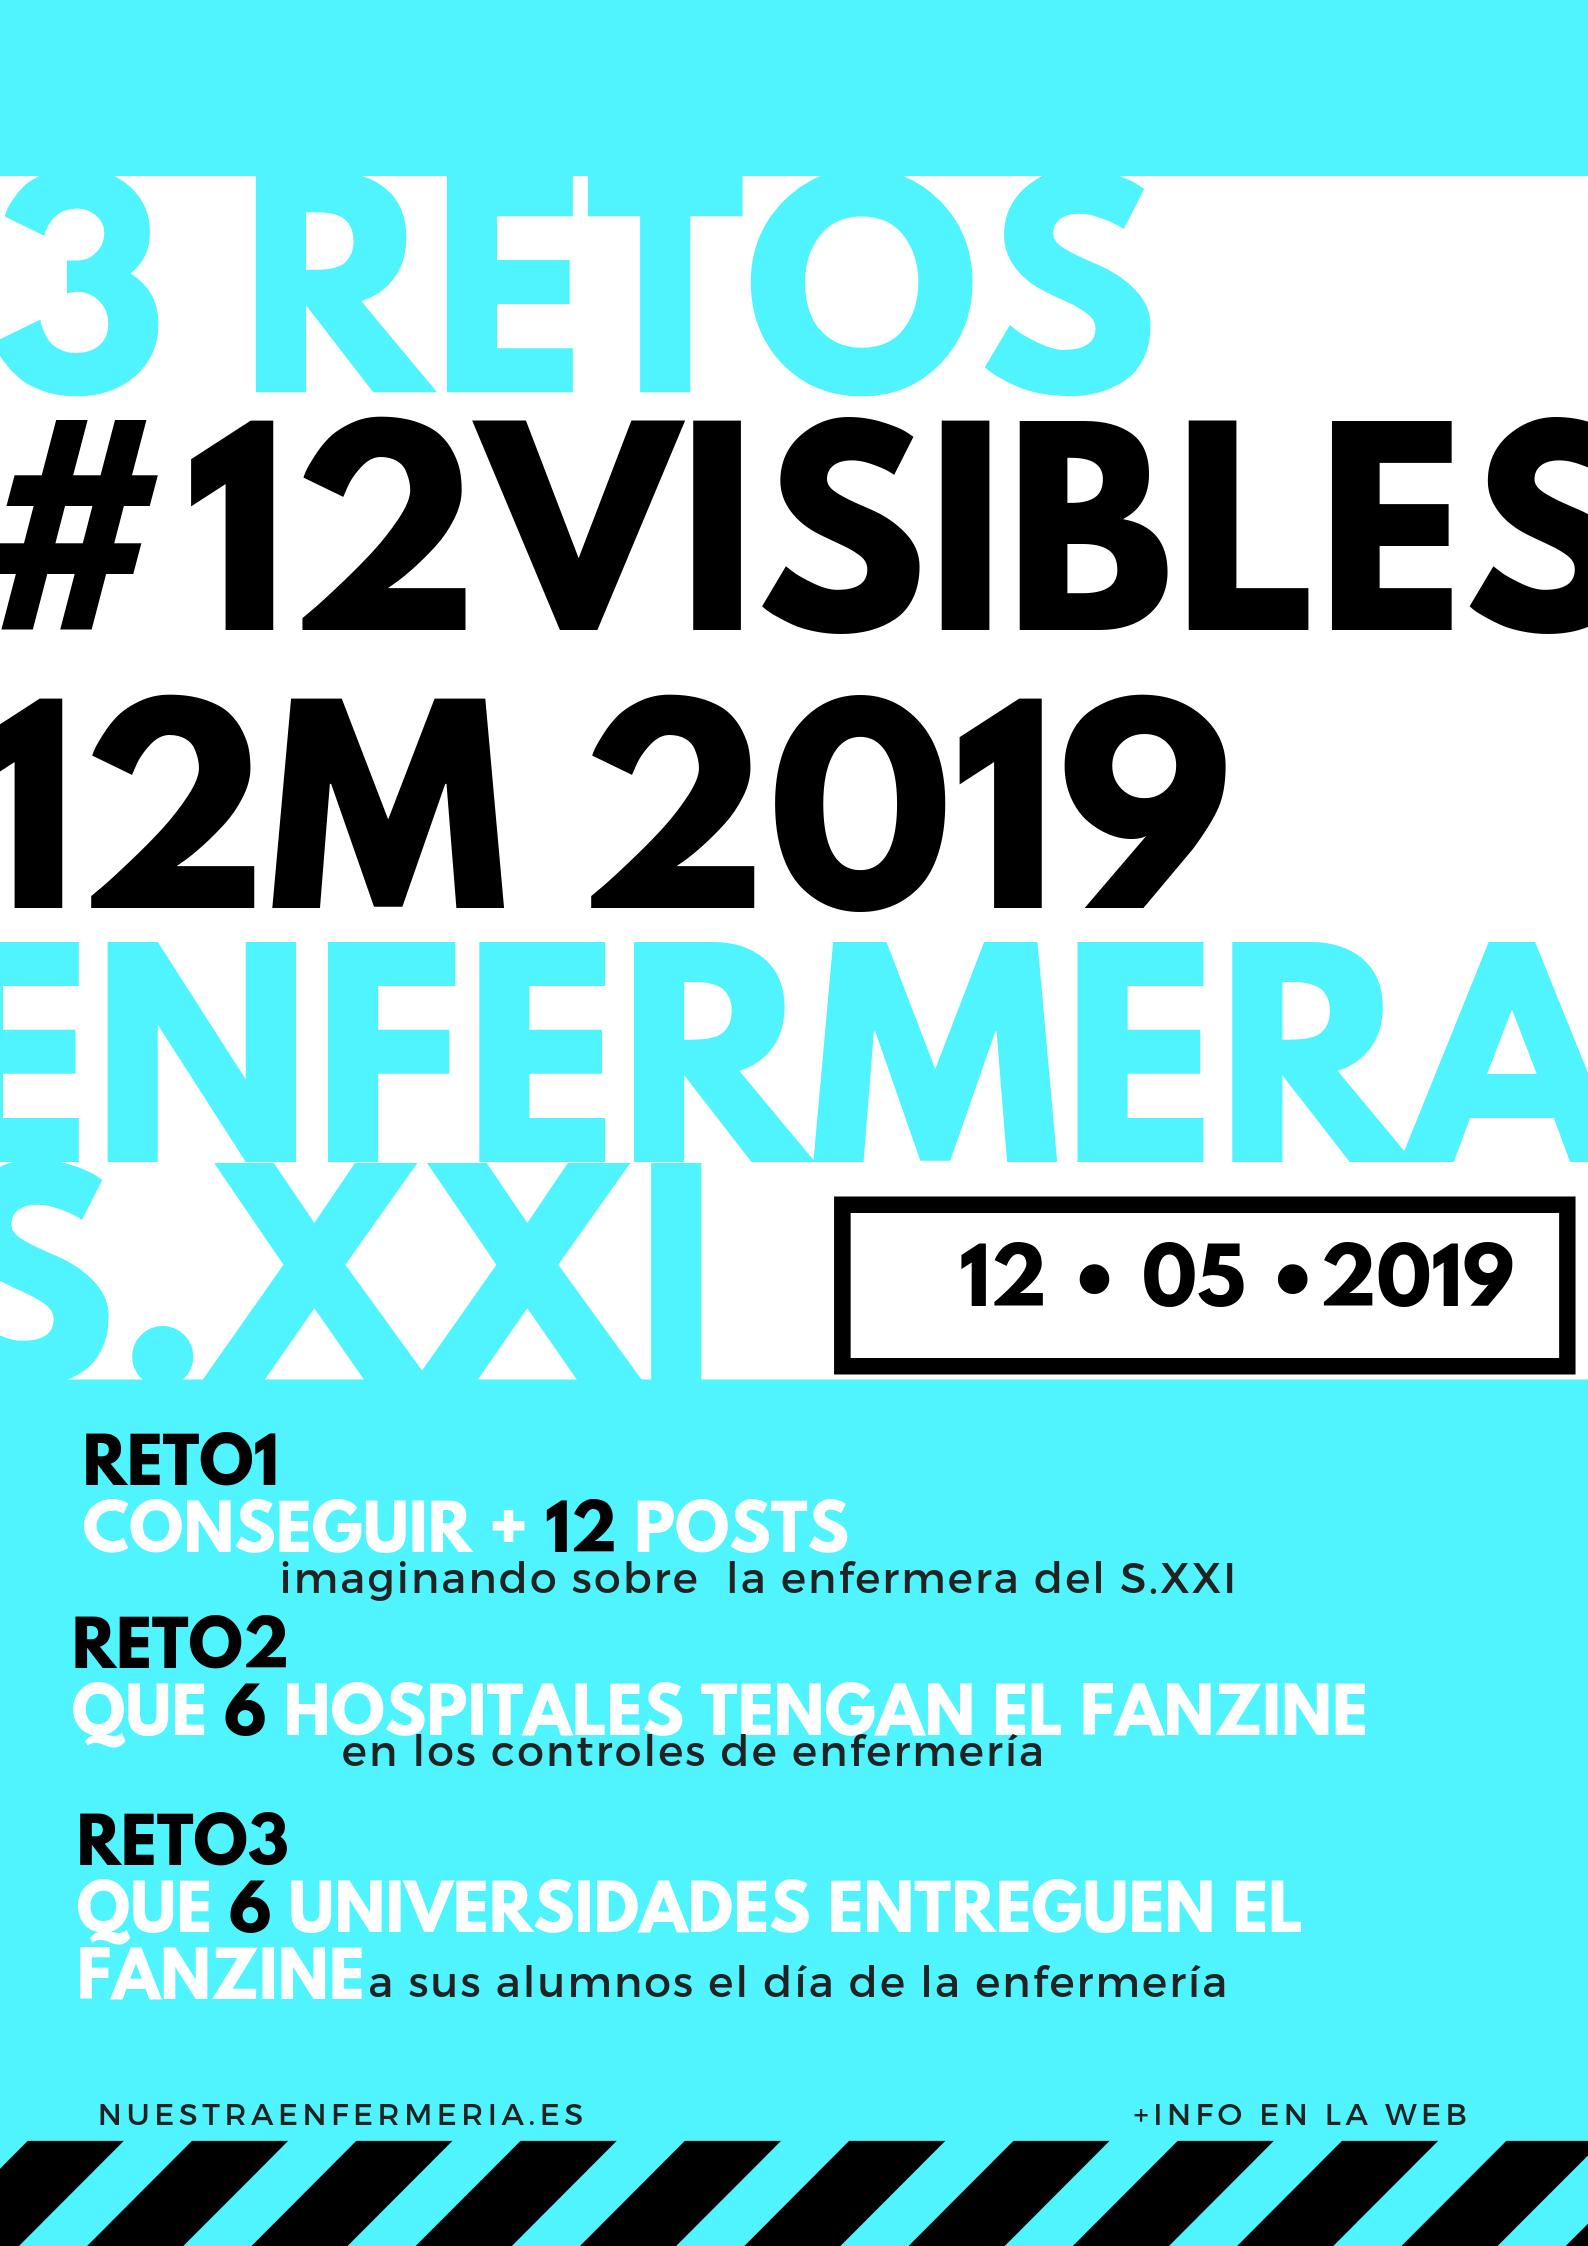 Todo es mentira, MiniFanzine #12visibles12M 2019